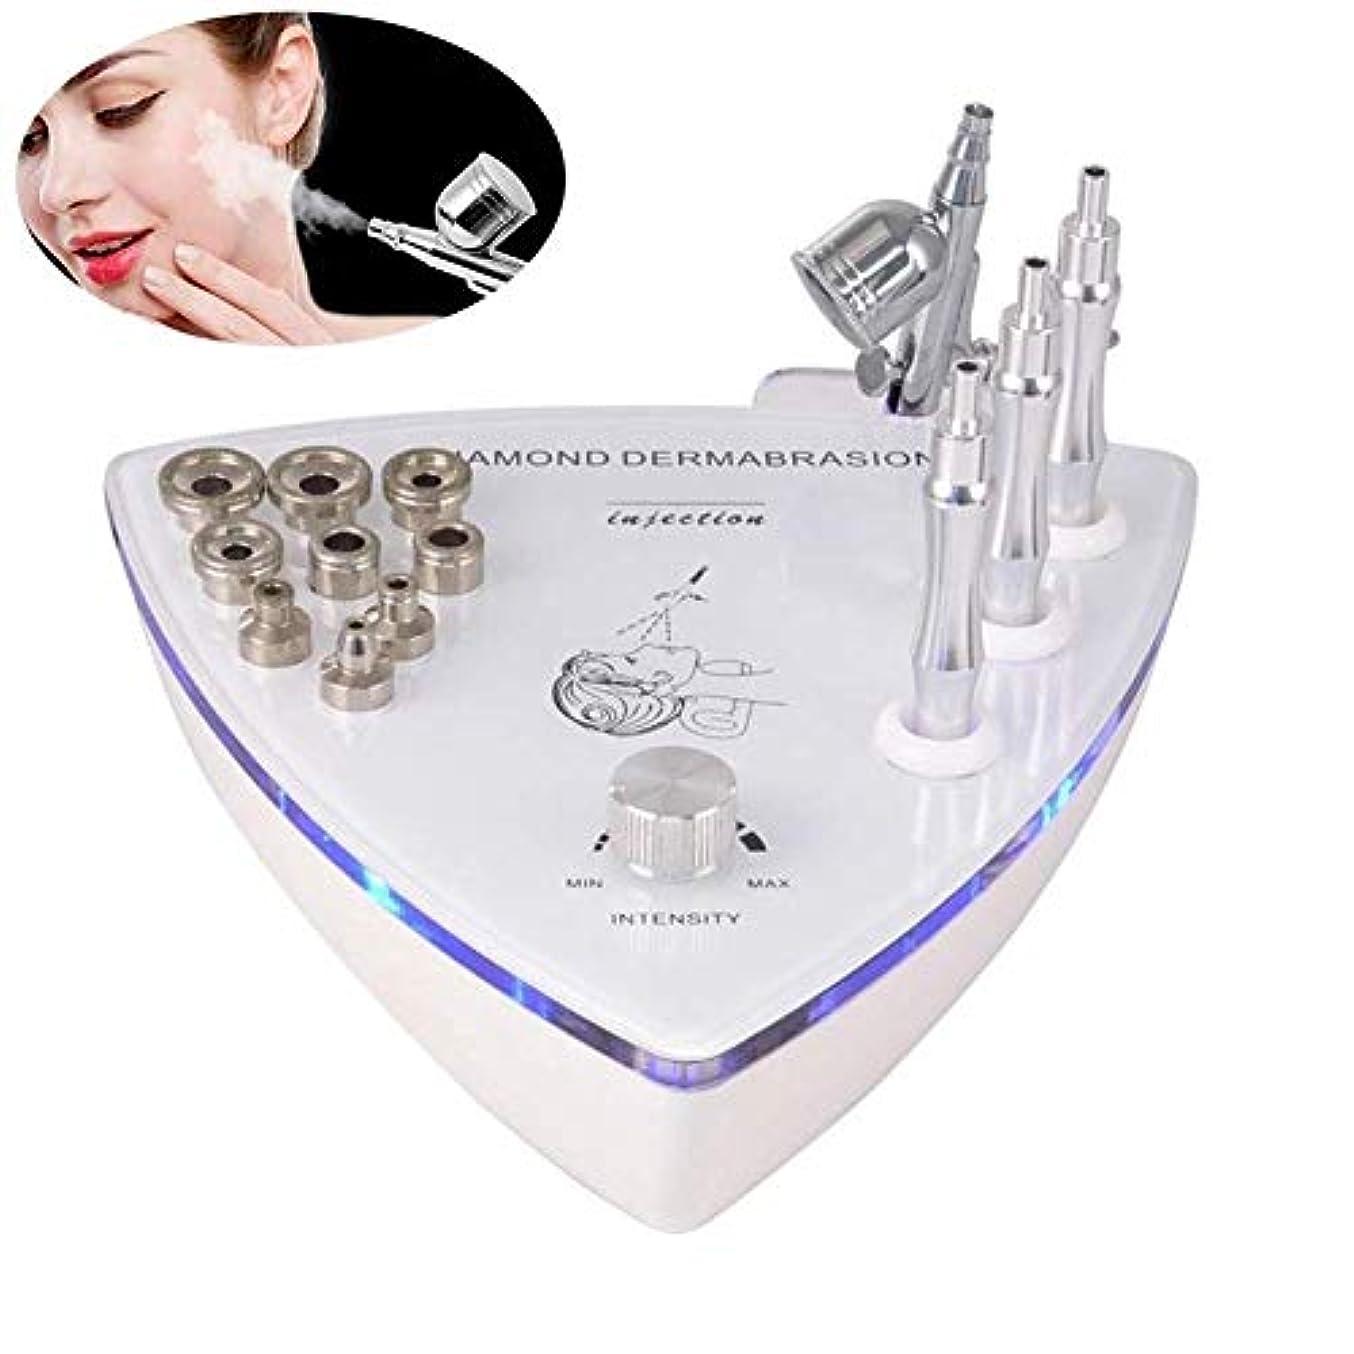 コントローラ知り合いになるお願いします2 1ダイヤモンド皮膚剥離機では、アンチエイジングピーリングプロフェッショナル美容機を締め付けスプレーガンマイクロダーマブレーションと酸素スプレー洗顔の肌の若返りしわ除去肌に